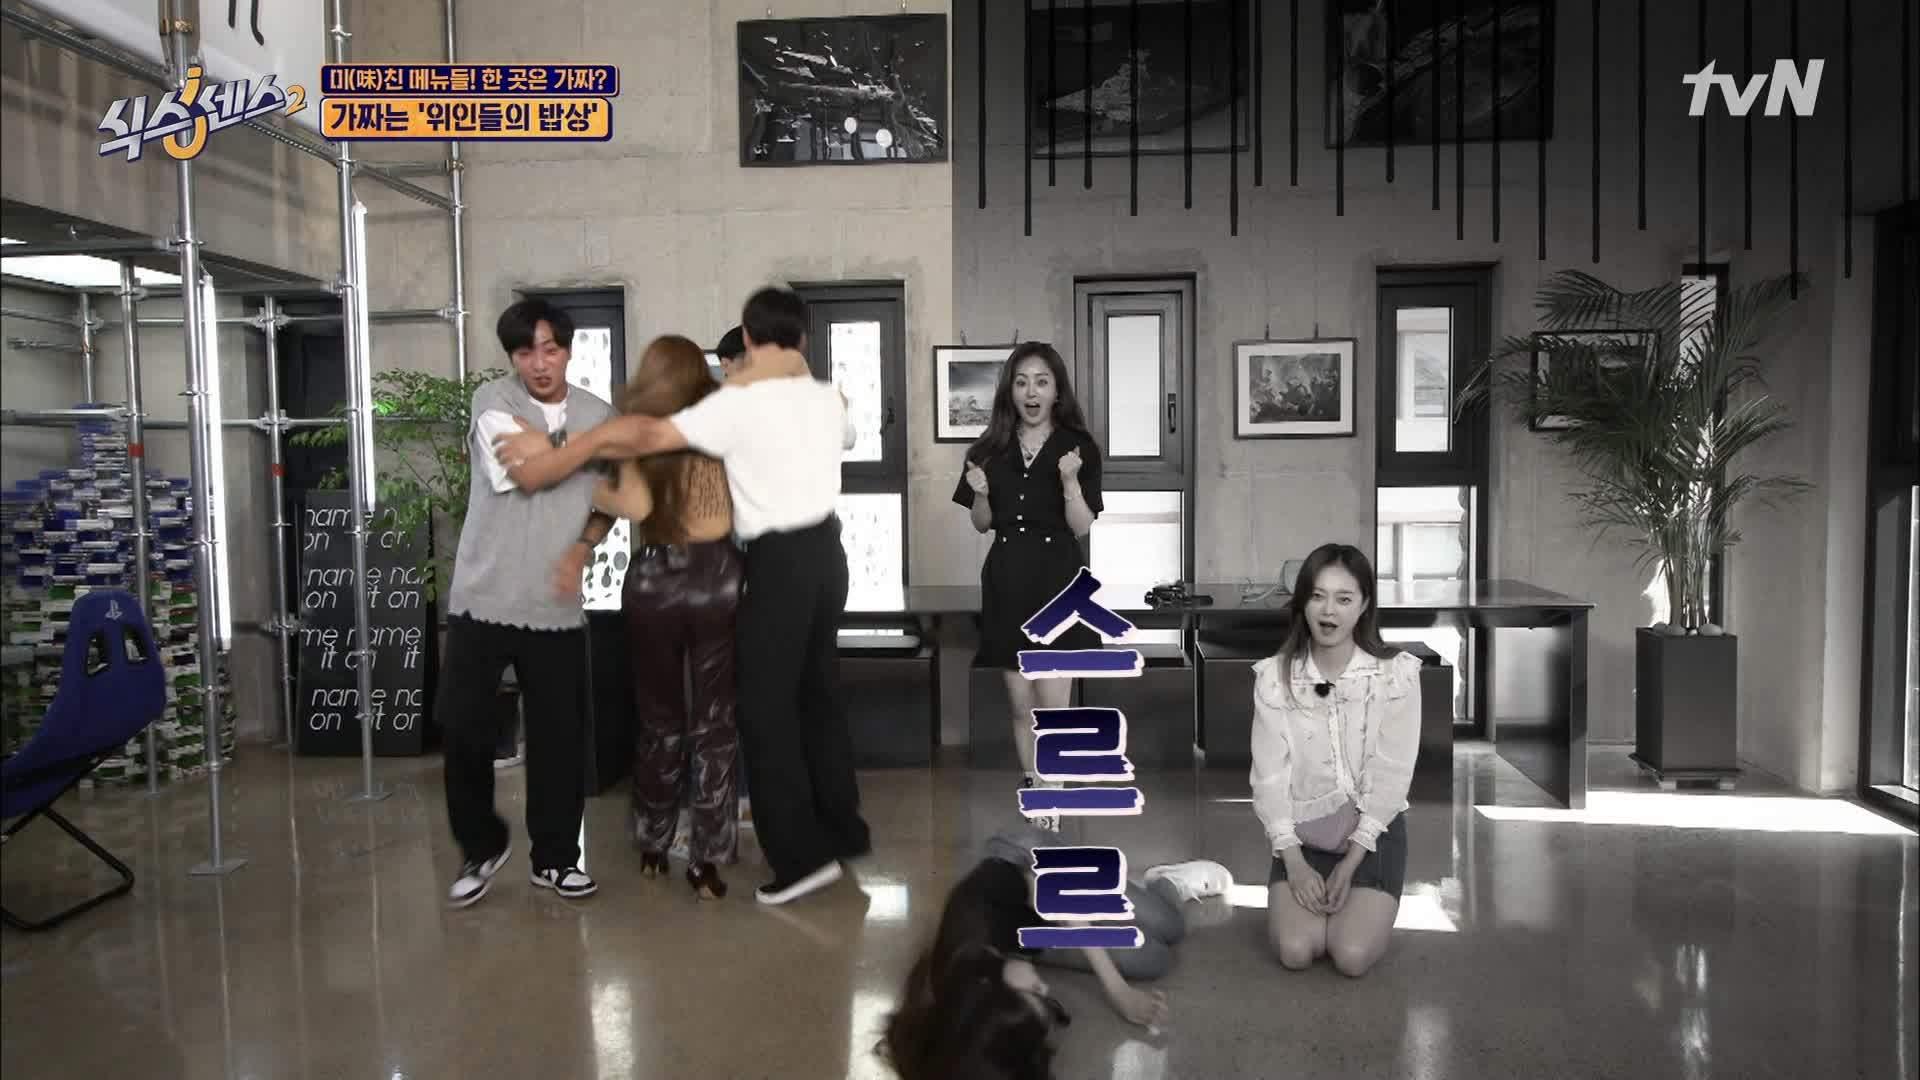 [결과발표] 게스트 준호의 대반란일까? 오나라의 대역전극일까?   tvN 210723 방송